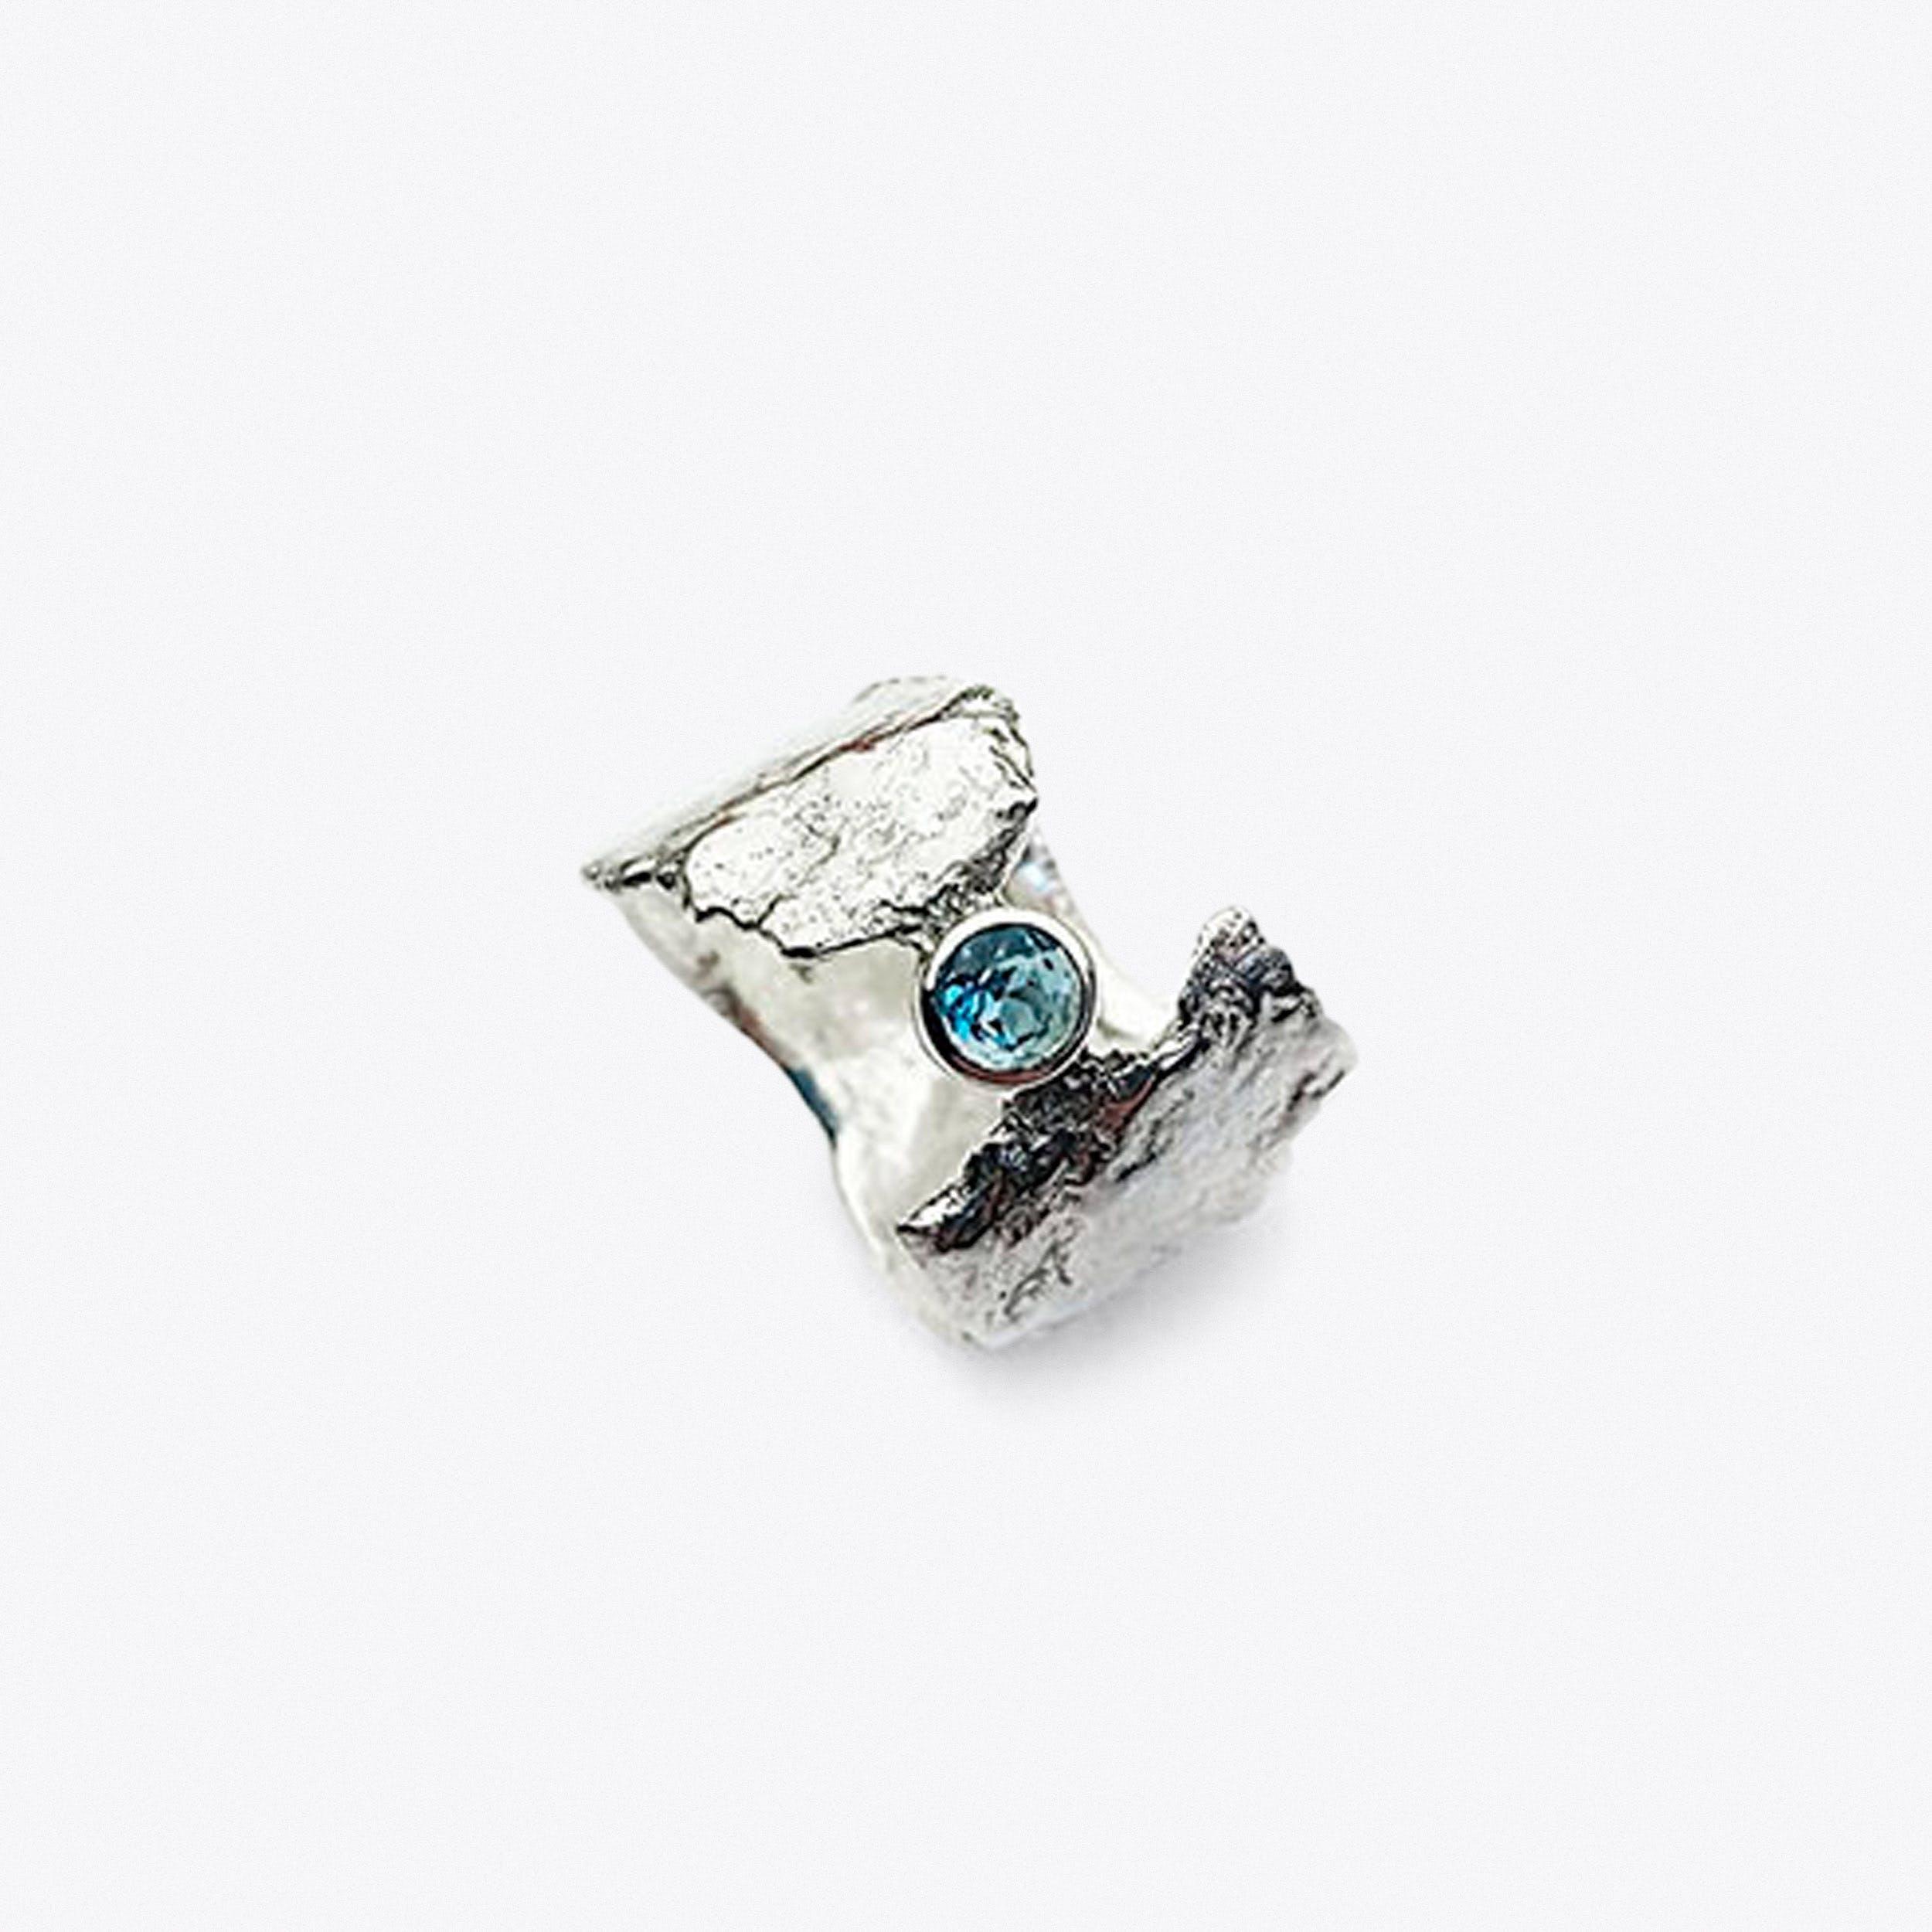 Blue Topaz Faerie Tale Ring - Goddess Danu